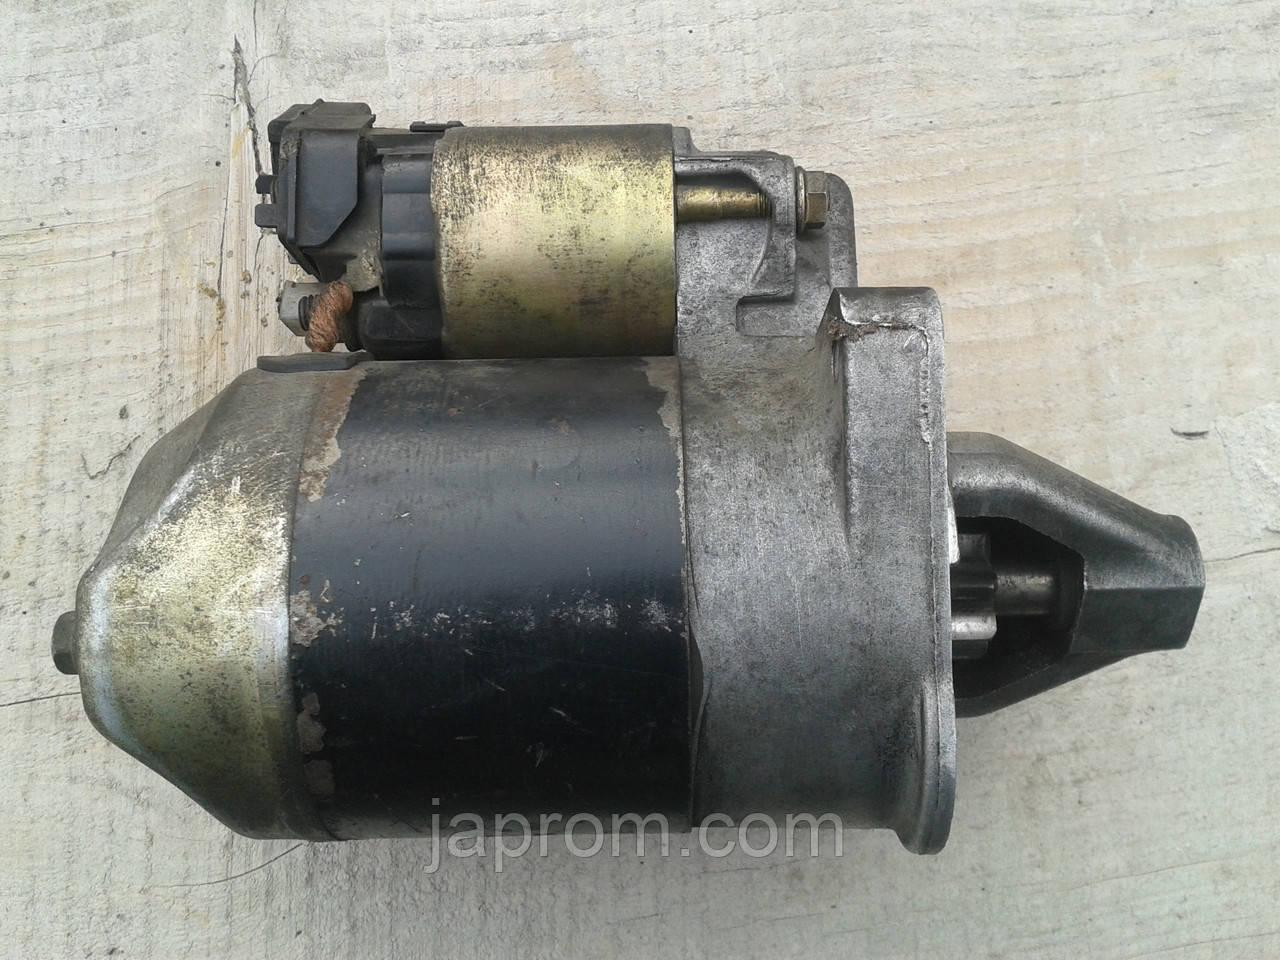 Стартер Mazda 121 DB 323 BG MX-3 Xedos 6 1992-1999г.в. 1.6 бензин